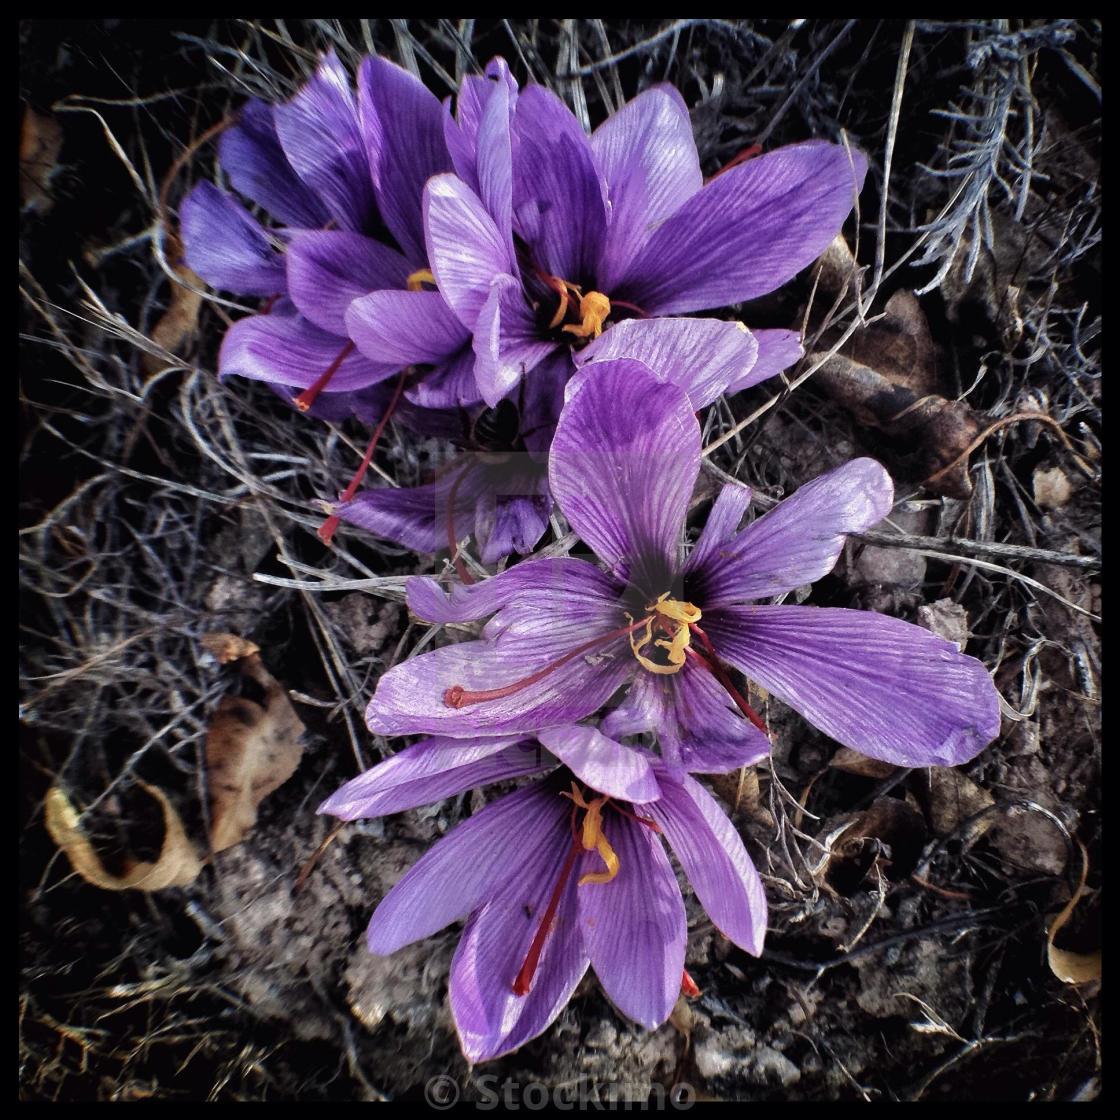 The Vibrant Mauve Flowers Of The Saffron Crocus Crocus Sativus